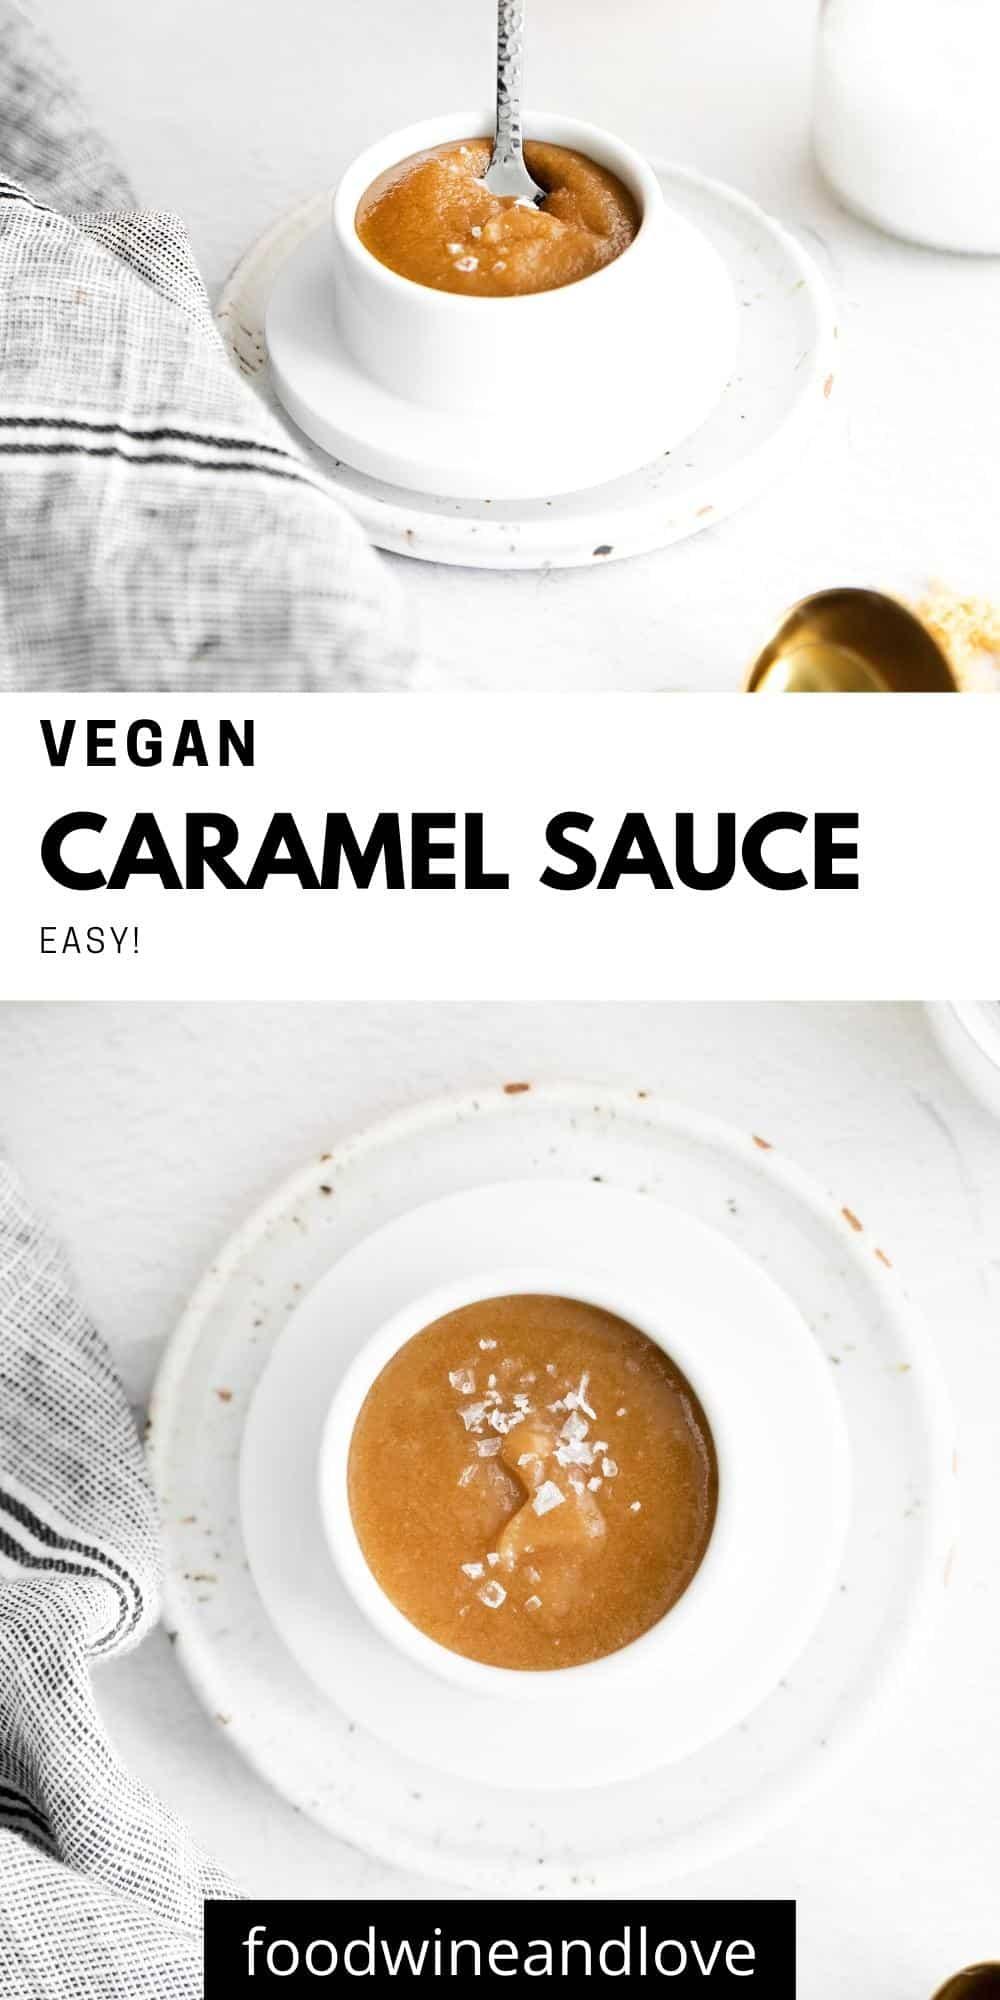 How to Make Vegan Caramel Sauce